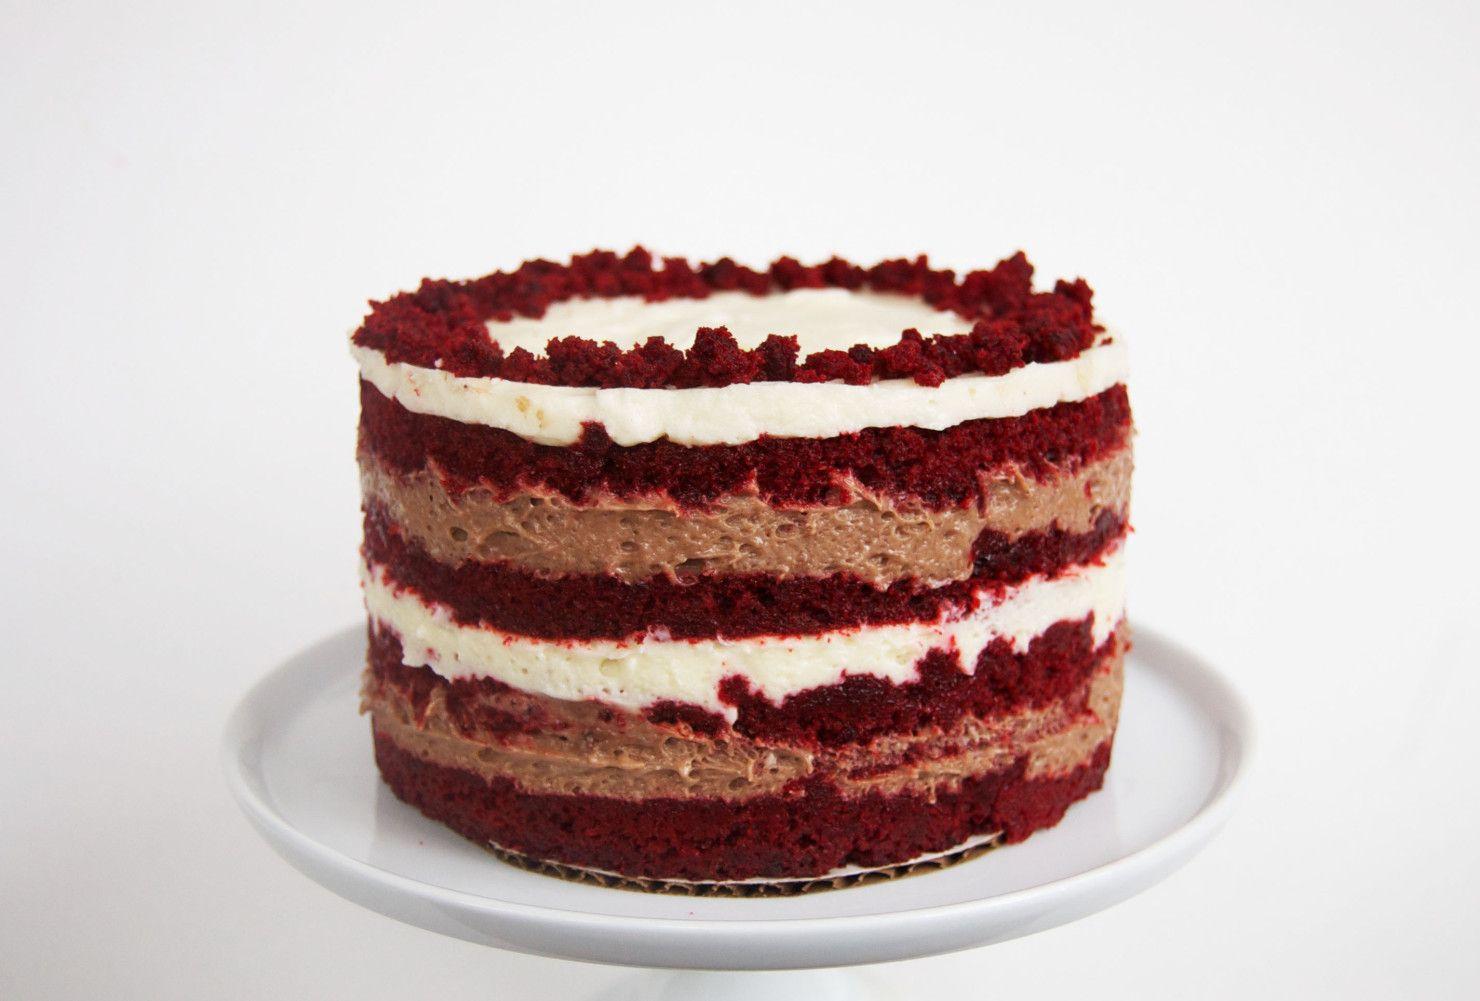 Momofuku Inspired Red Velvet The Worlds Best Red Velvet Cake Recipe Made With Plenty Of Oil Hot Cof Velvet Cake Recipes Milk Bar Cake Red Velvet Cake Recipe